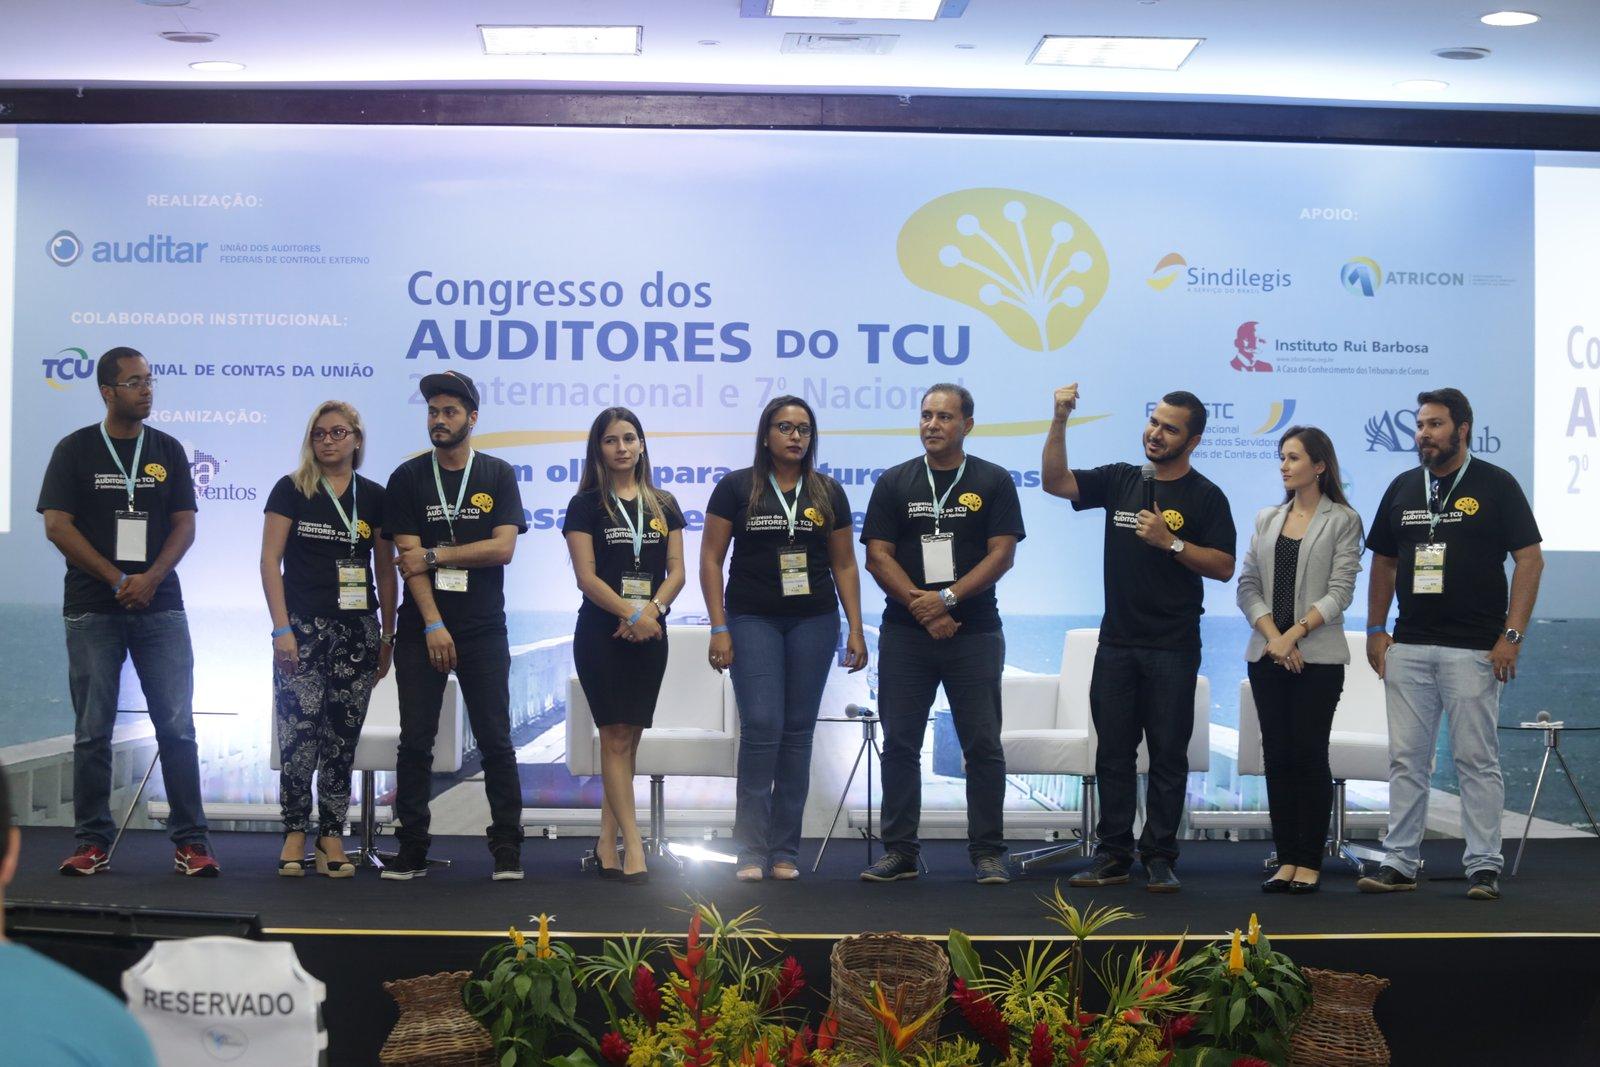 Congresso dos Auditores do TCU: confira as fotos do último dia de painéis